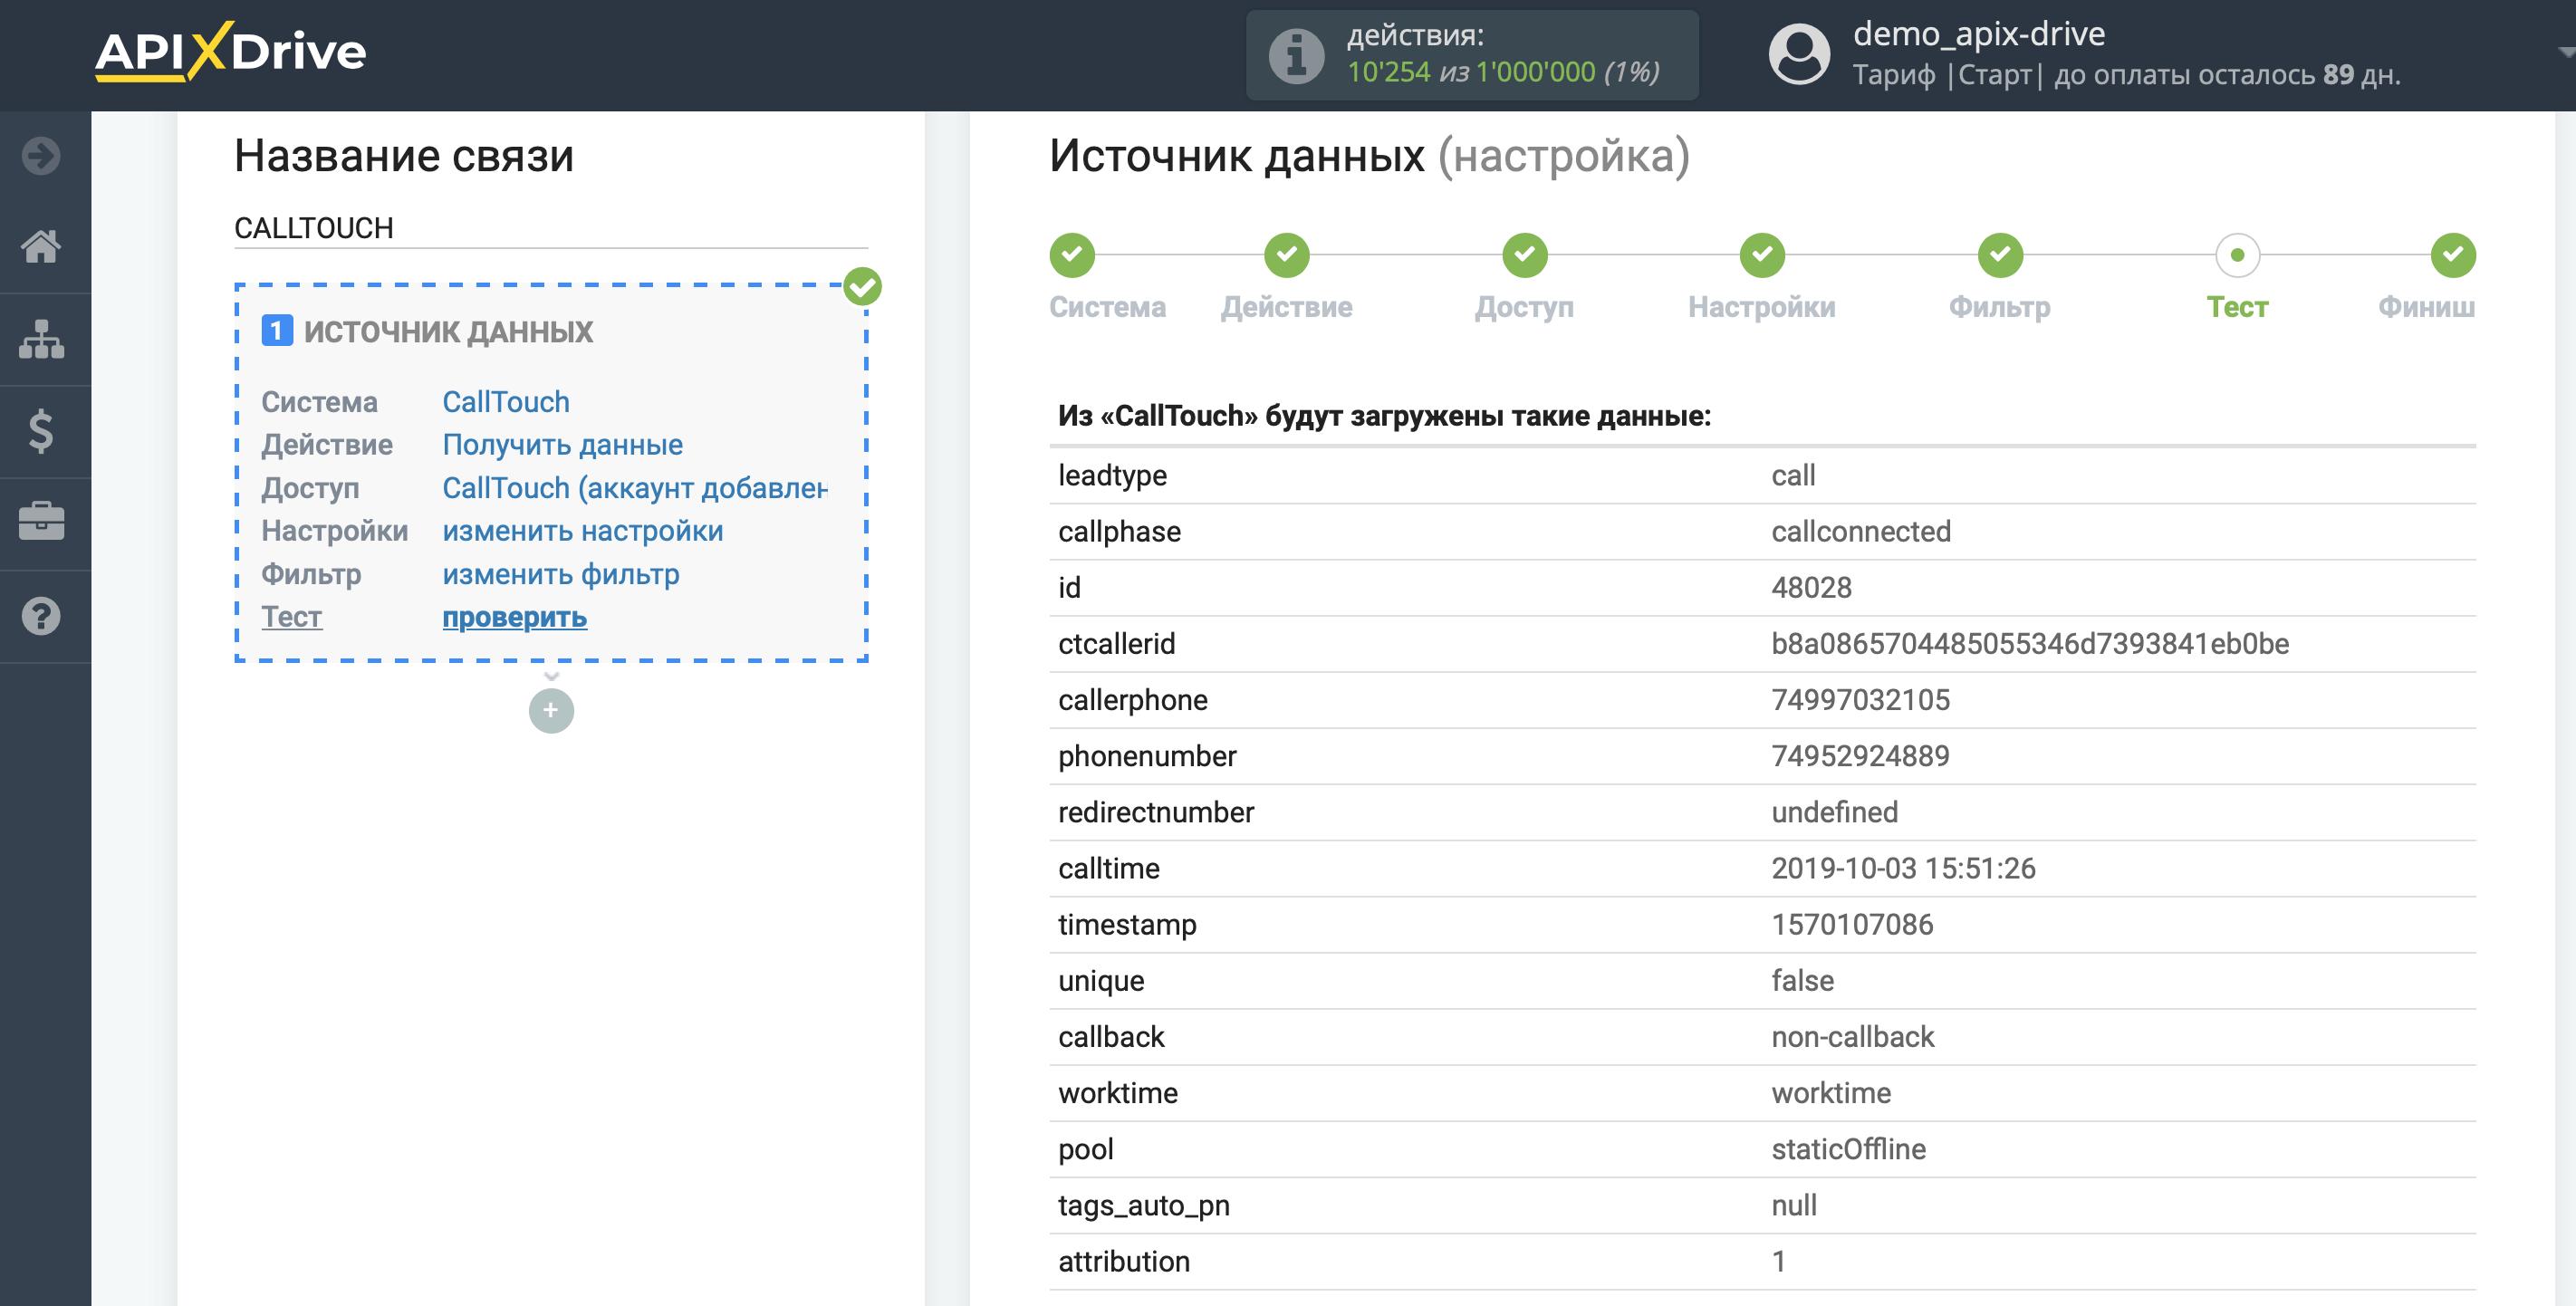 Список параметров, загруженных из CallTouch (1)